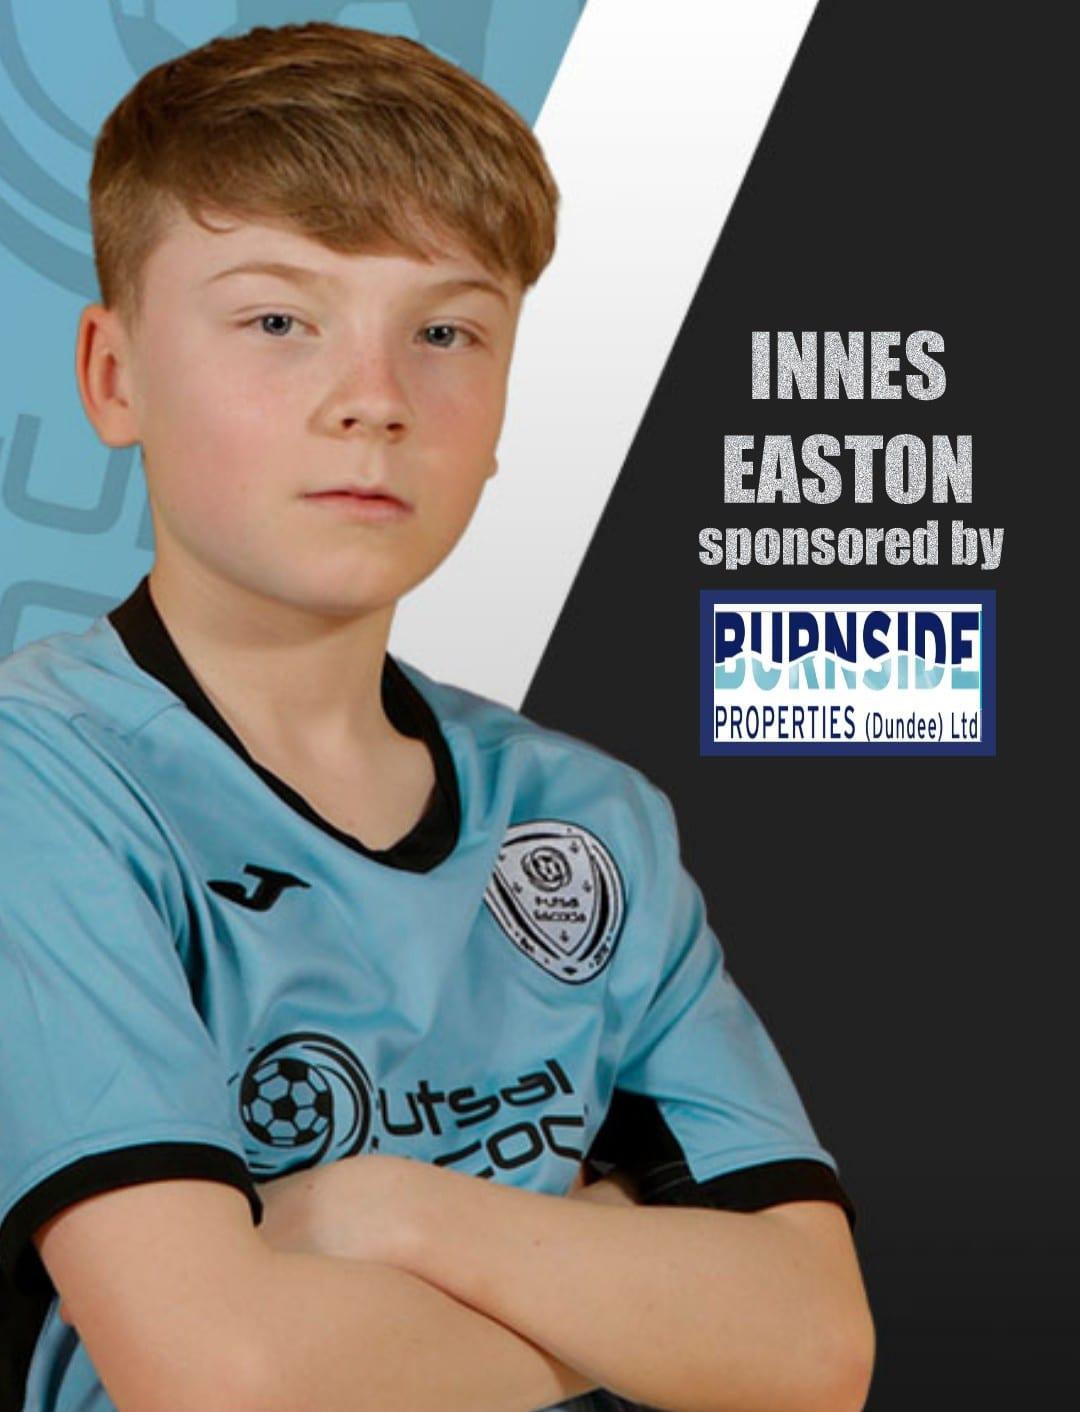 Innes Easton